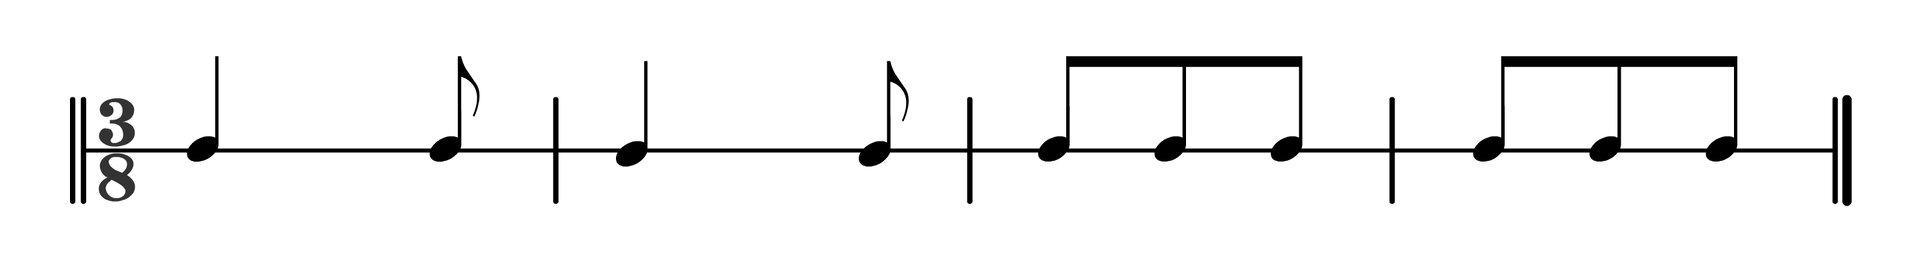 Zapis nutowy rytmicznego wstępu do oberka. Czterotaktowy rytm, wmetrum trzy ósme. Dwa pierwsze takty składają się zćwierćnuty iósemki. Dwa ostatnie takty ztrzech ósemek.